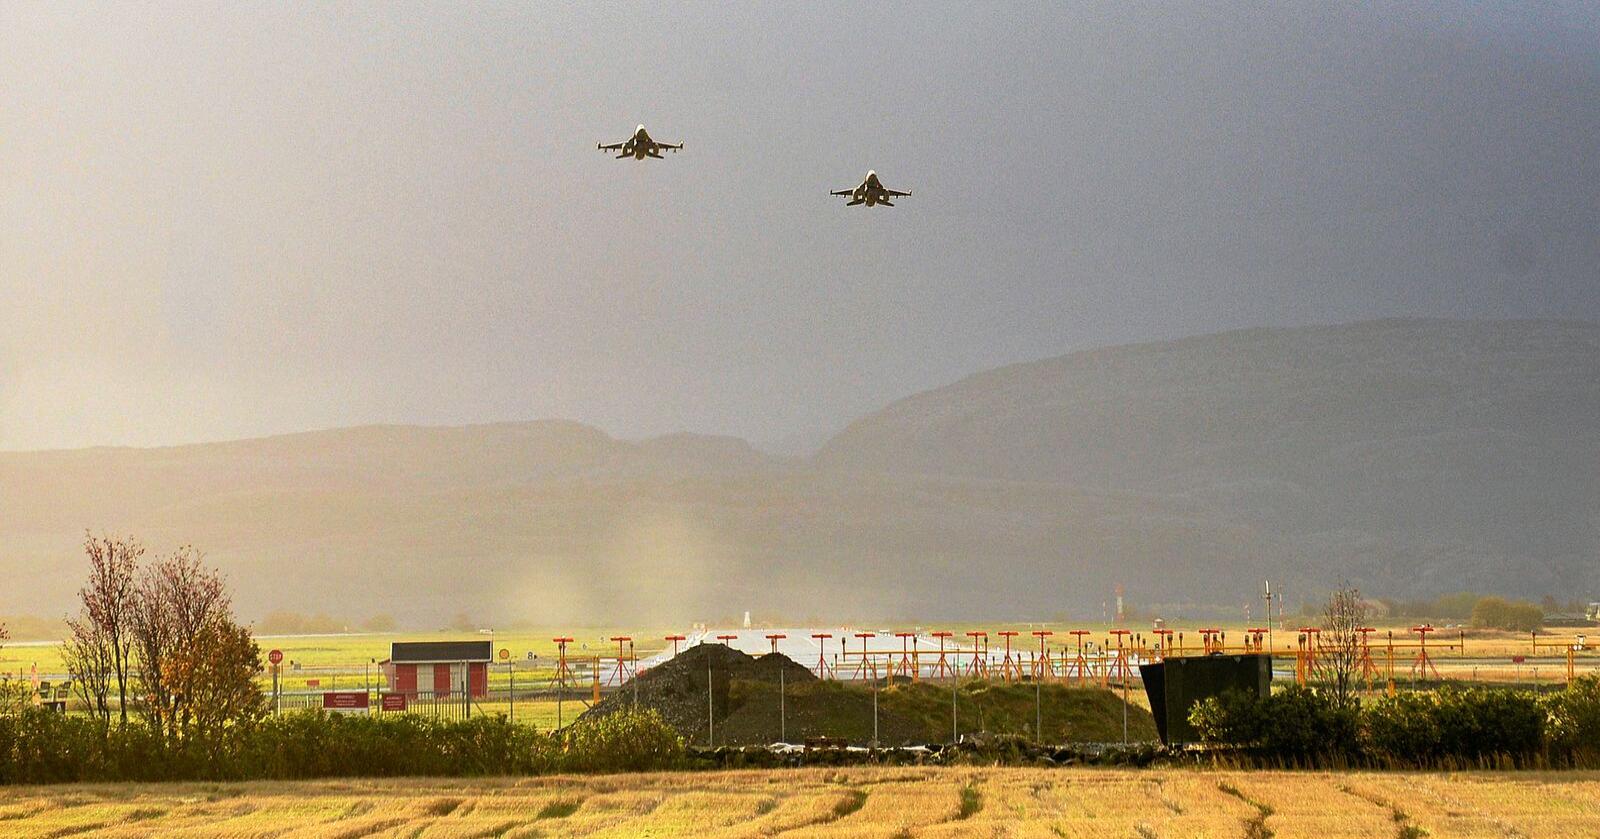 Forsvaret av Norge har i over 70 år vært basert på NATO og støtte fra våre allierte. Samtidig må vi bidra til lavspenning ved å opptre tydelig, forutsigbart og beroligende, skriver innsenderne. Her fra Ørland. Foto: Siri Juell Rasmussen